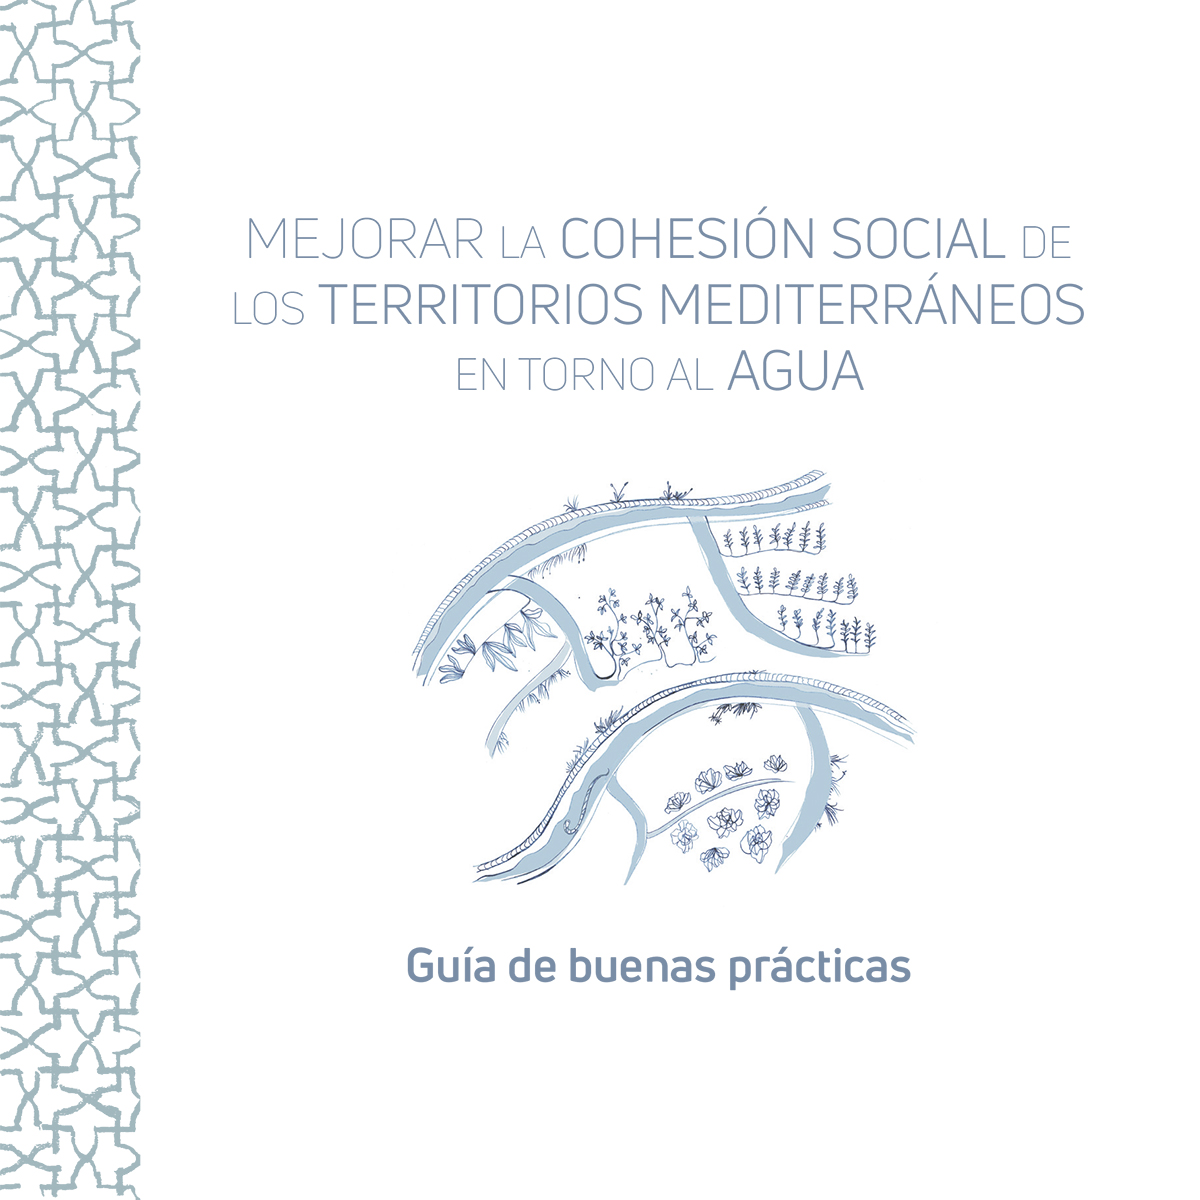 Guía de buenas prácticas para la cohesión social territorial mediterránea en torno al agua